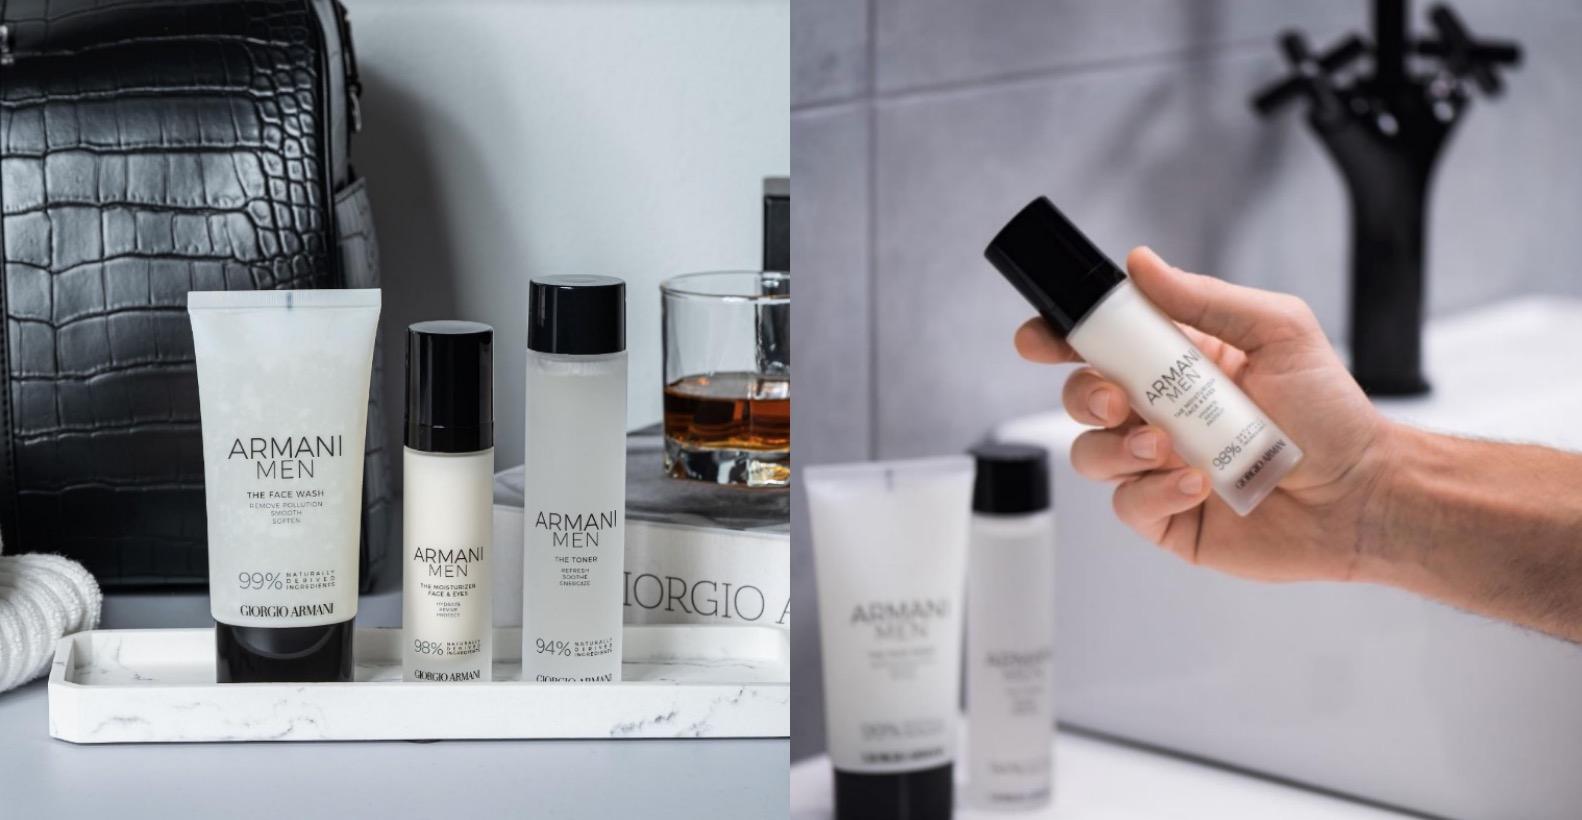 2020年Giorgio Armani推出全新【亞曼尼男仕保養系列】,推出3款男性最愛的護膚品,包括潔顏乳、保濕露及保濕乳,俐落的白色瓶身猶如亞曼尼白襯衫般簡潔自然,而黑色的瓶蓋就像黑色領結,象徵著男性簡約、穩重又自信的迷人風采,透過簡單的清潔、保濕、鎖水三步驟照顧好男性面子,由內而外打造最具品味的質感生活。